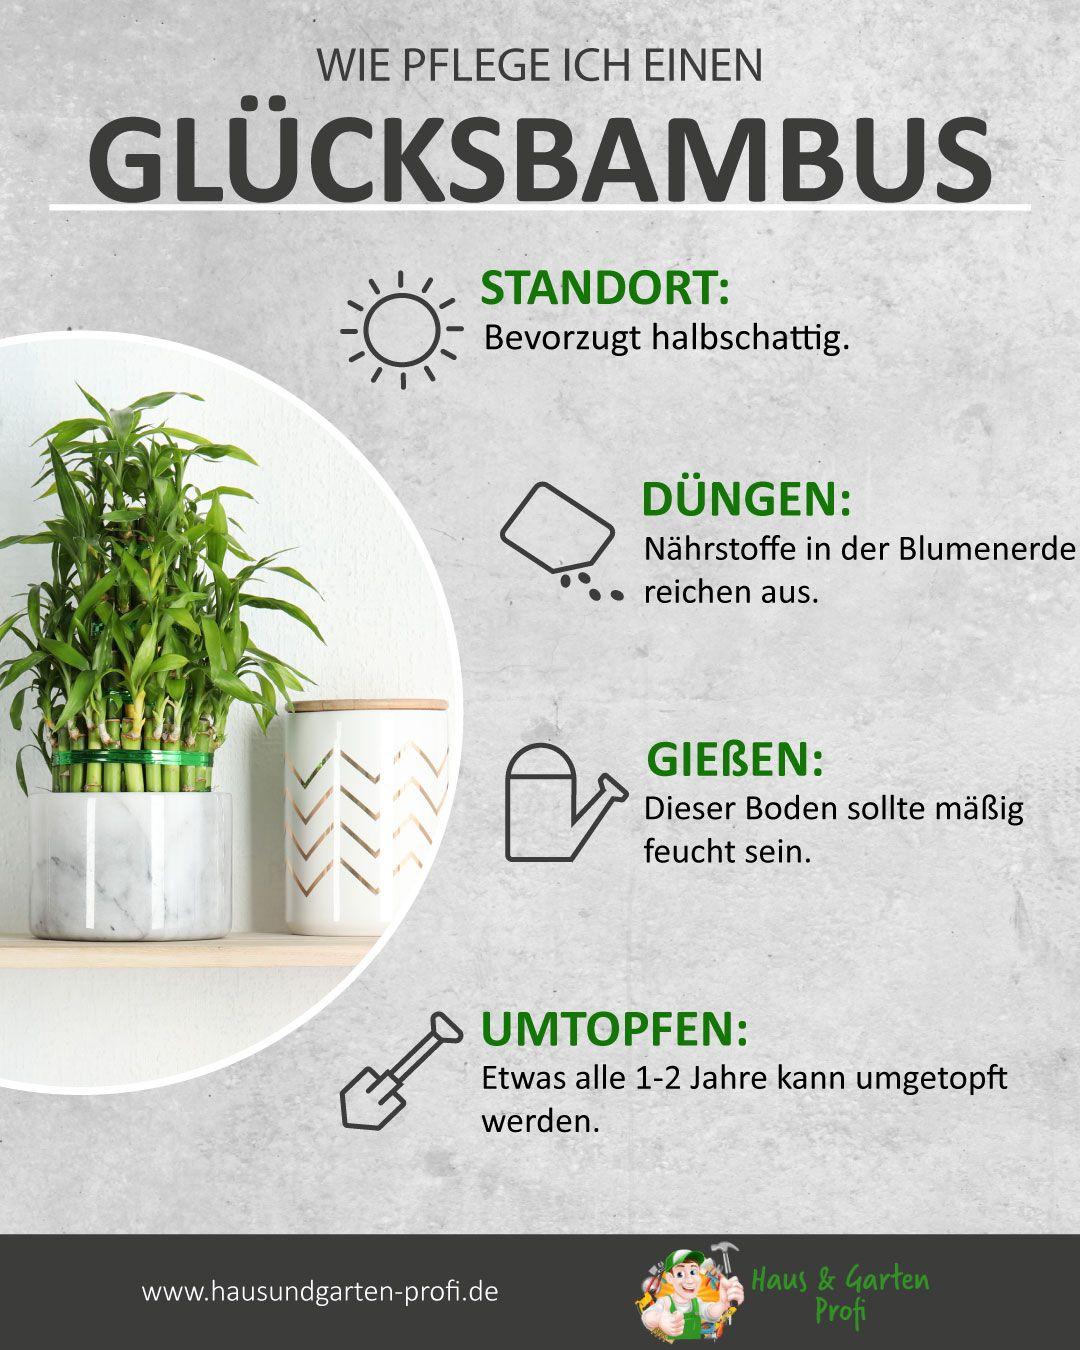 Glücksbambus: So simpel funktioniert es (Standort, Düngen, Gießen, Umtopfen)